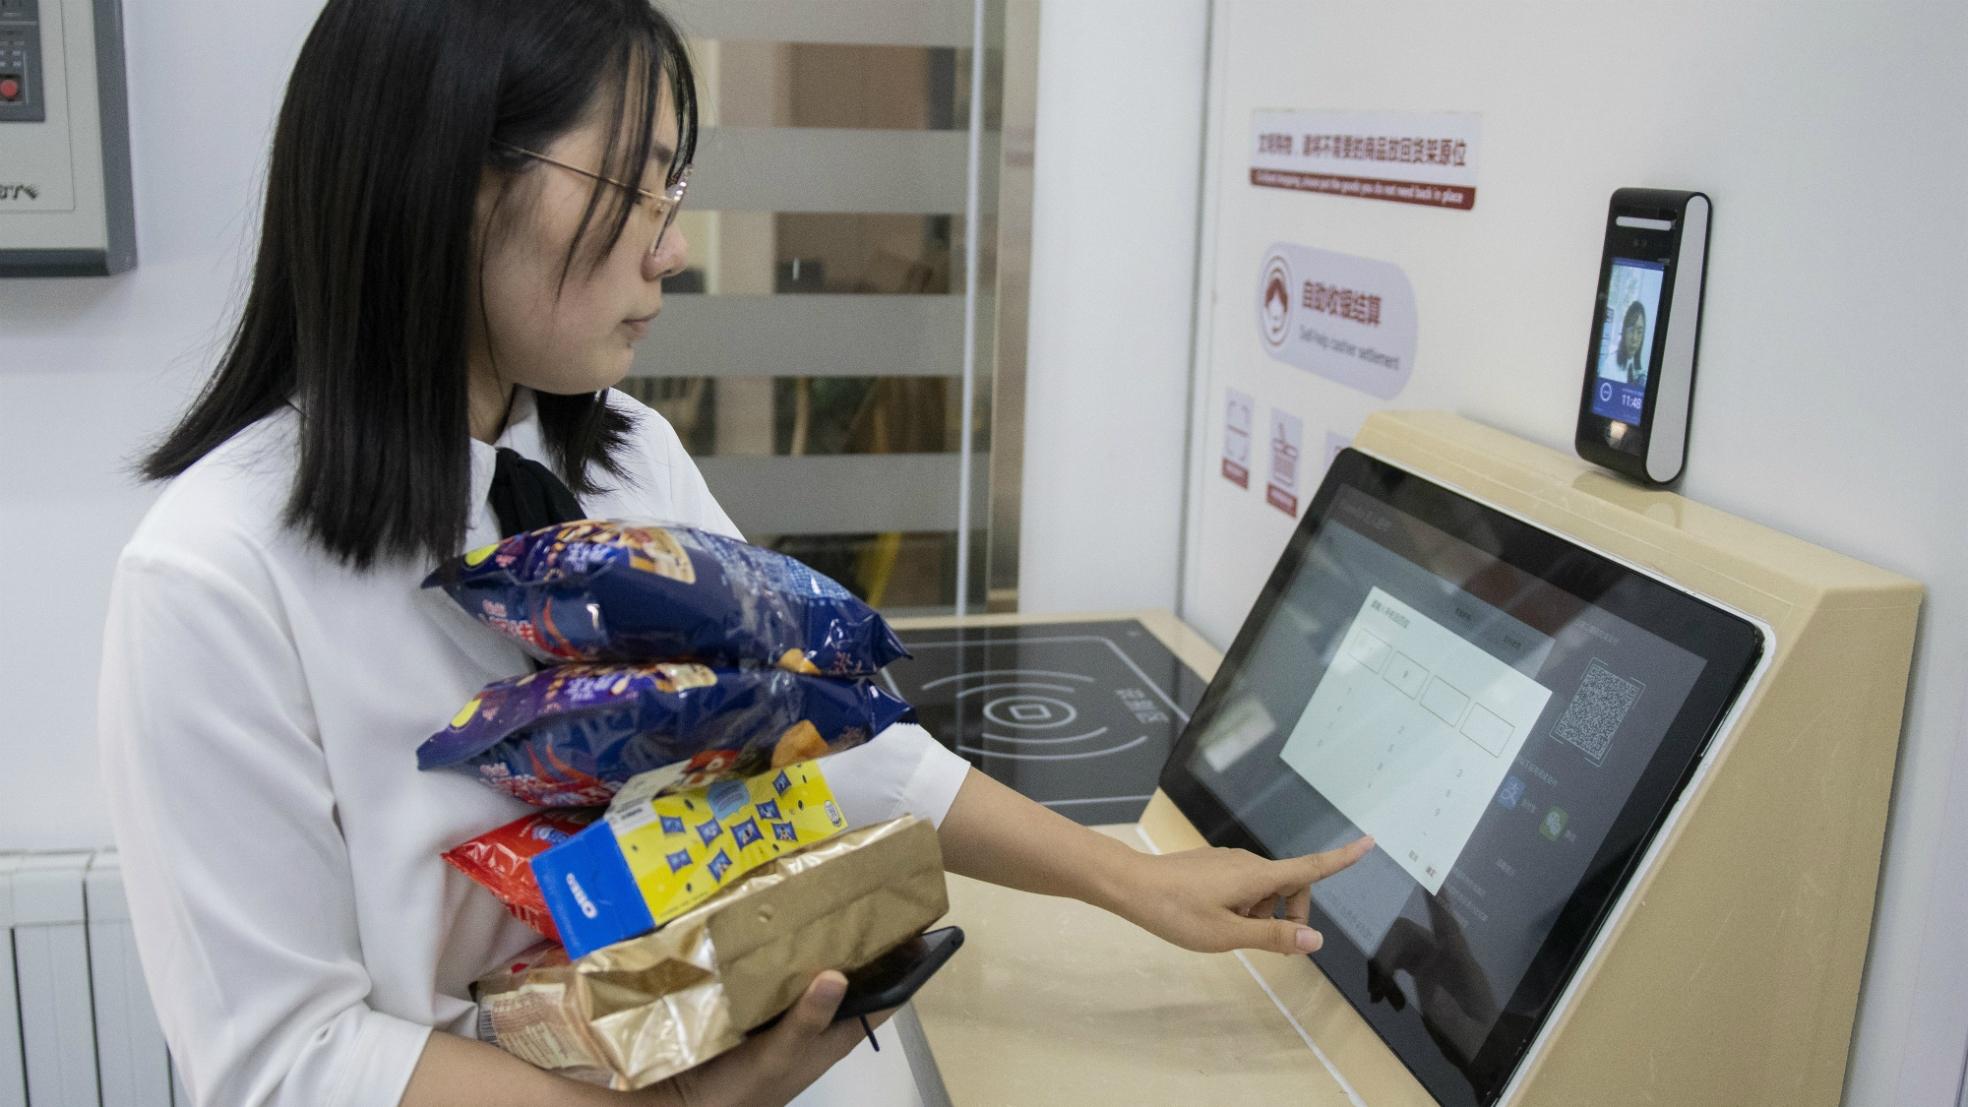 China boodschappen retail gezichtsherkenning